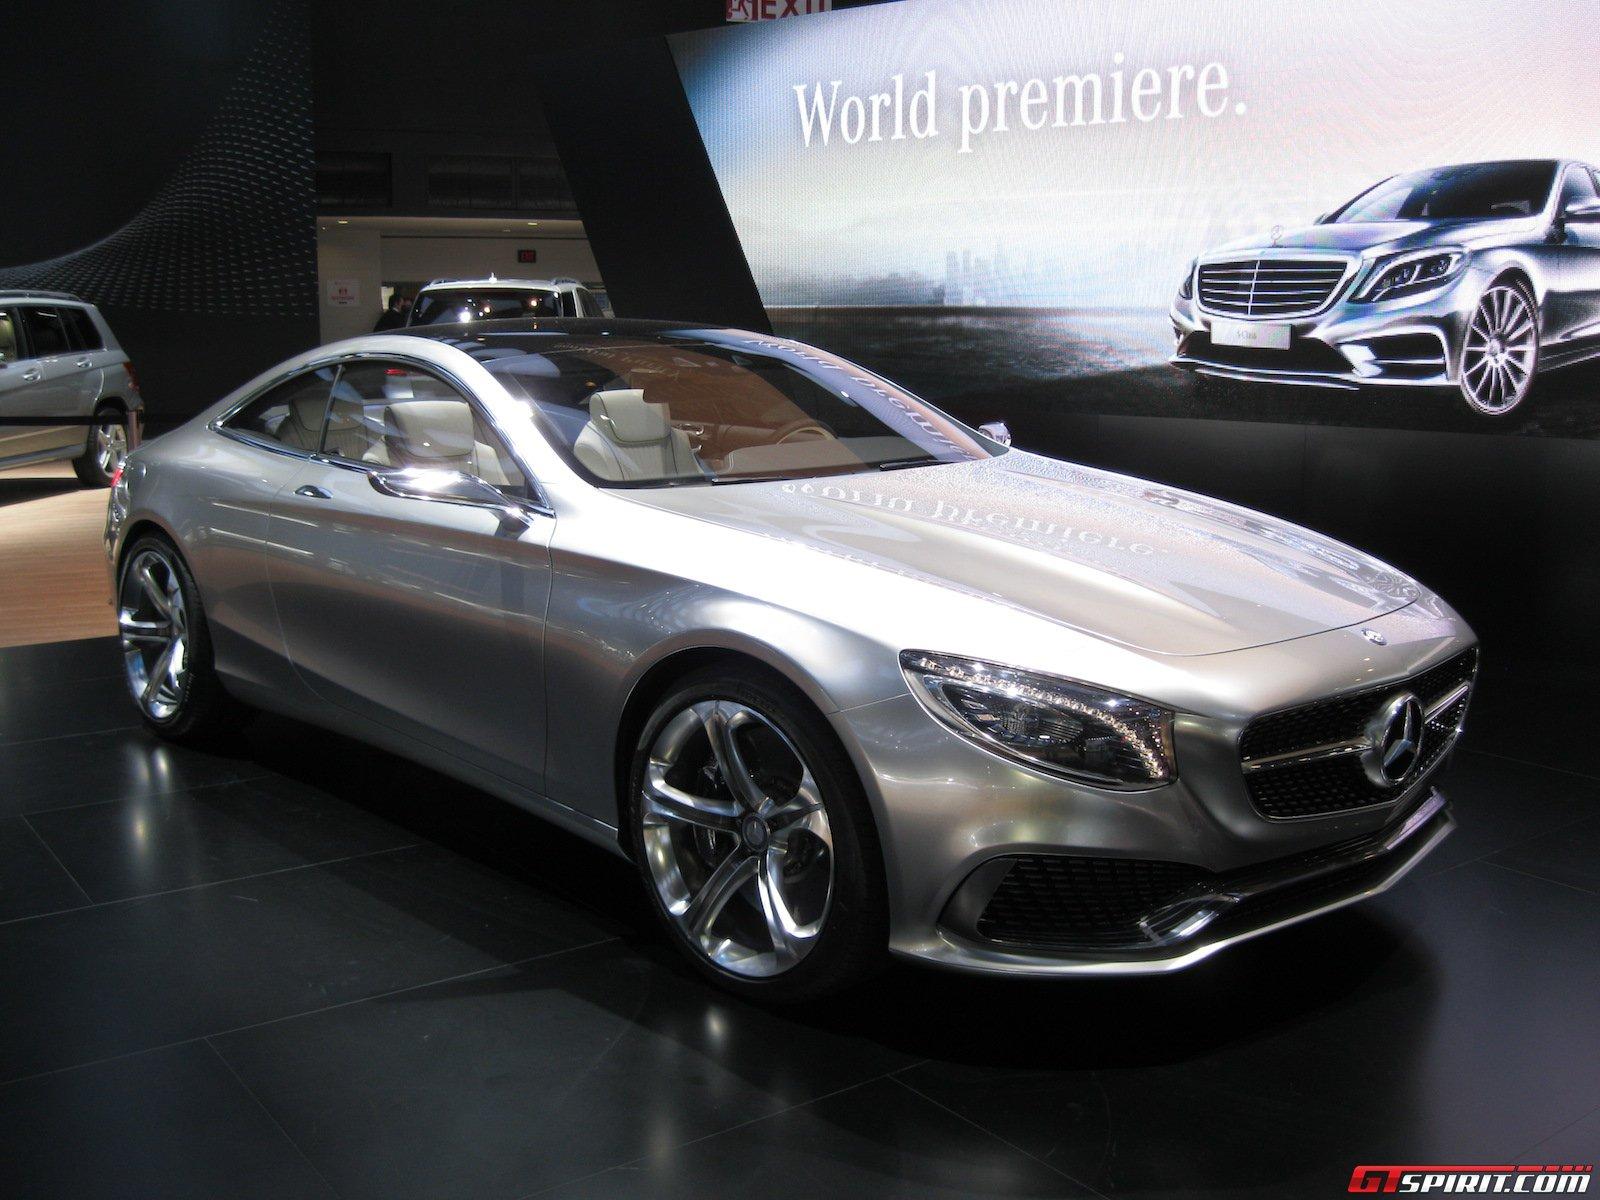 Detroit 2014 mercedes benz s class coupe concept gtspirit for Mercedes benz s550 coupe 2014